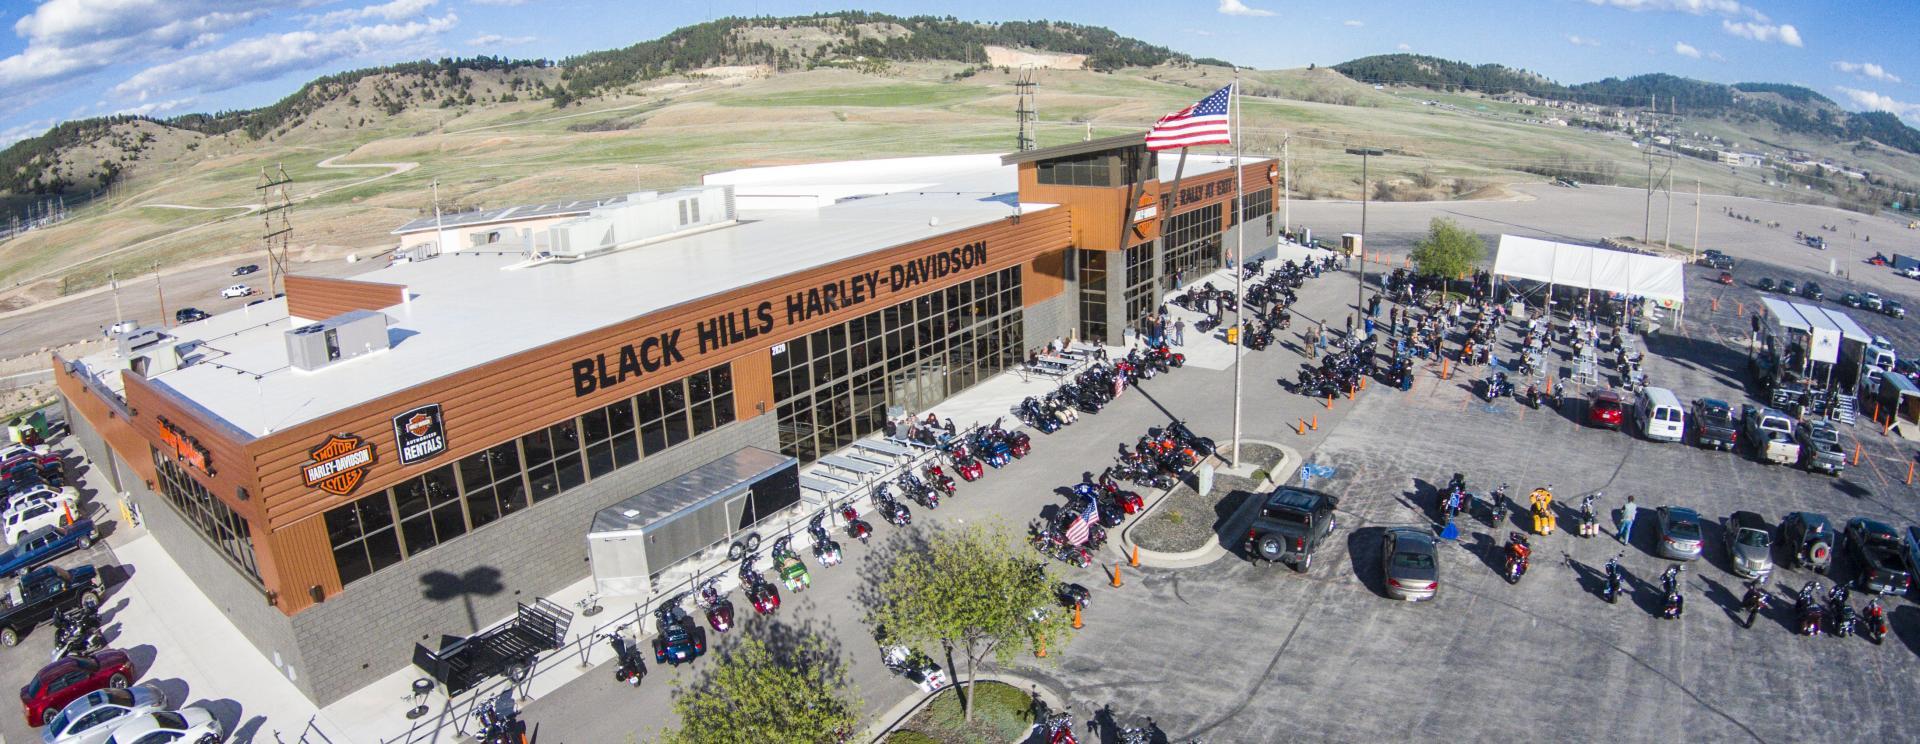 Black Hills Harley-Davidson